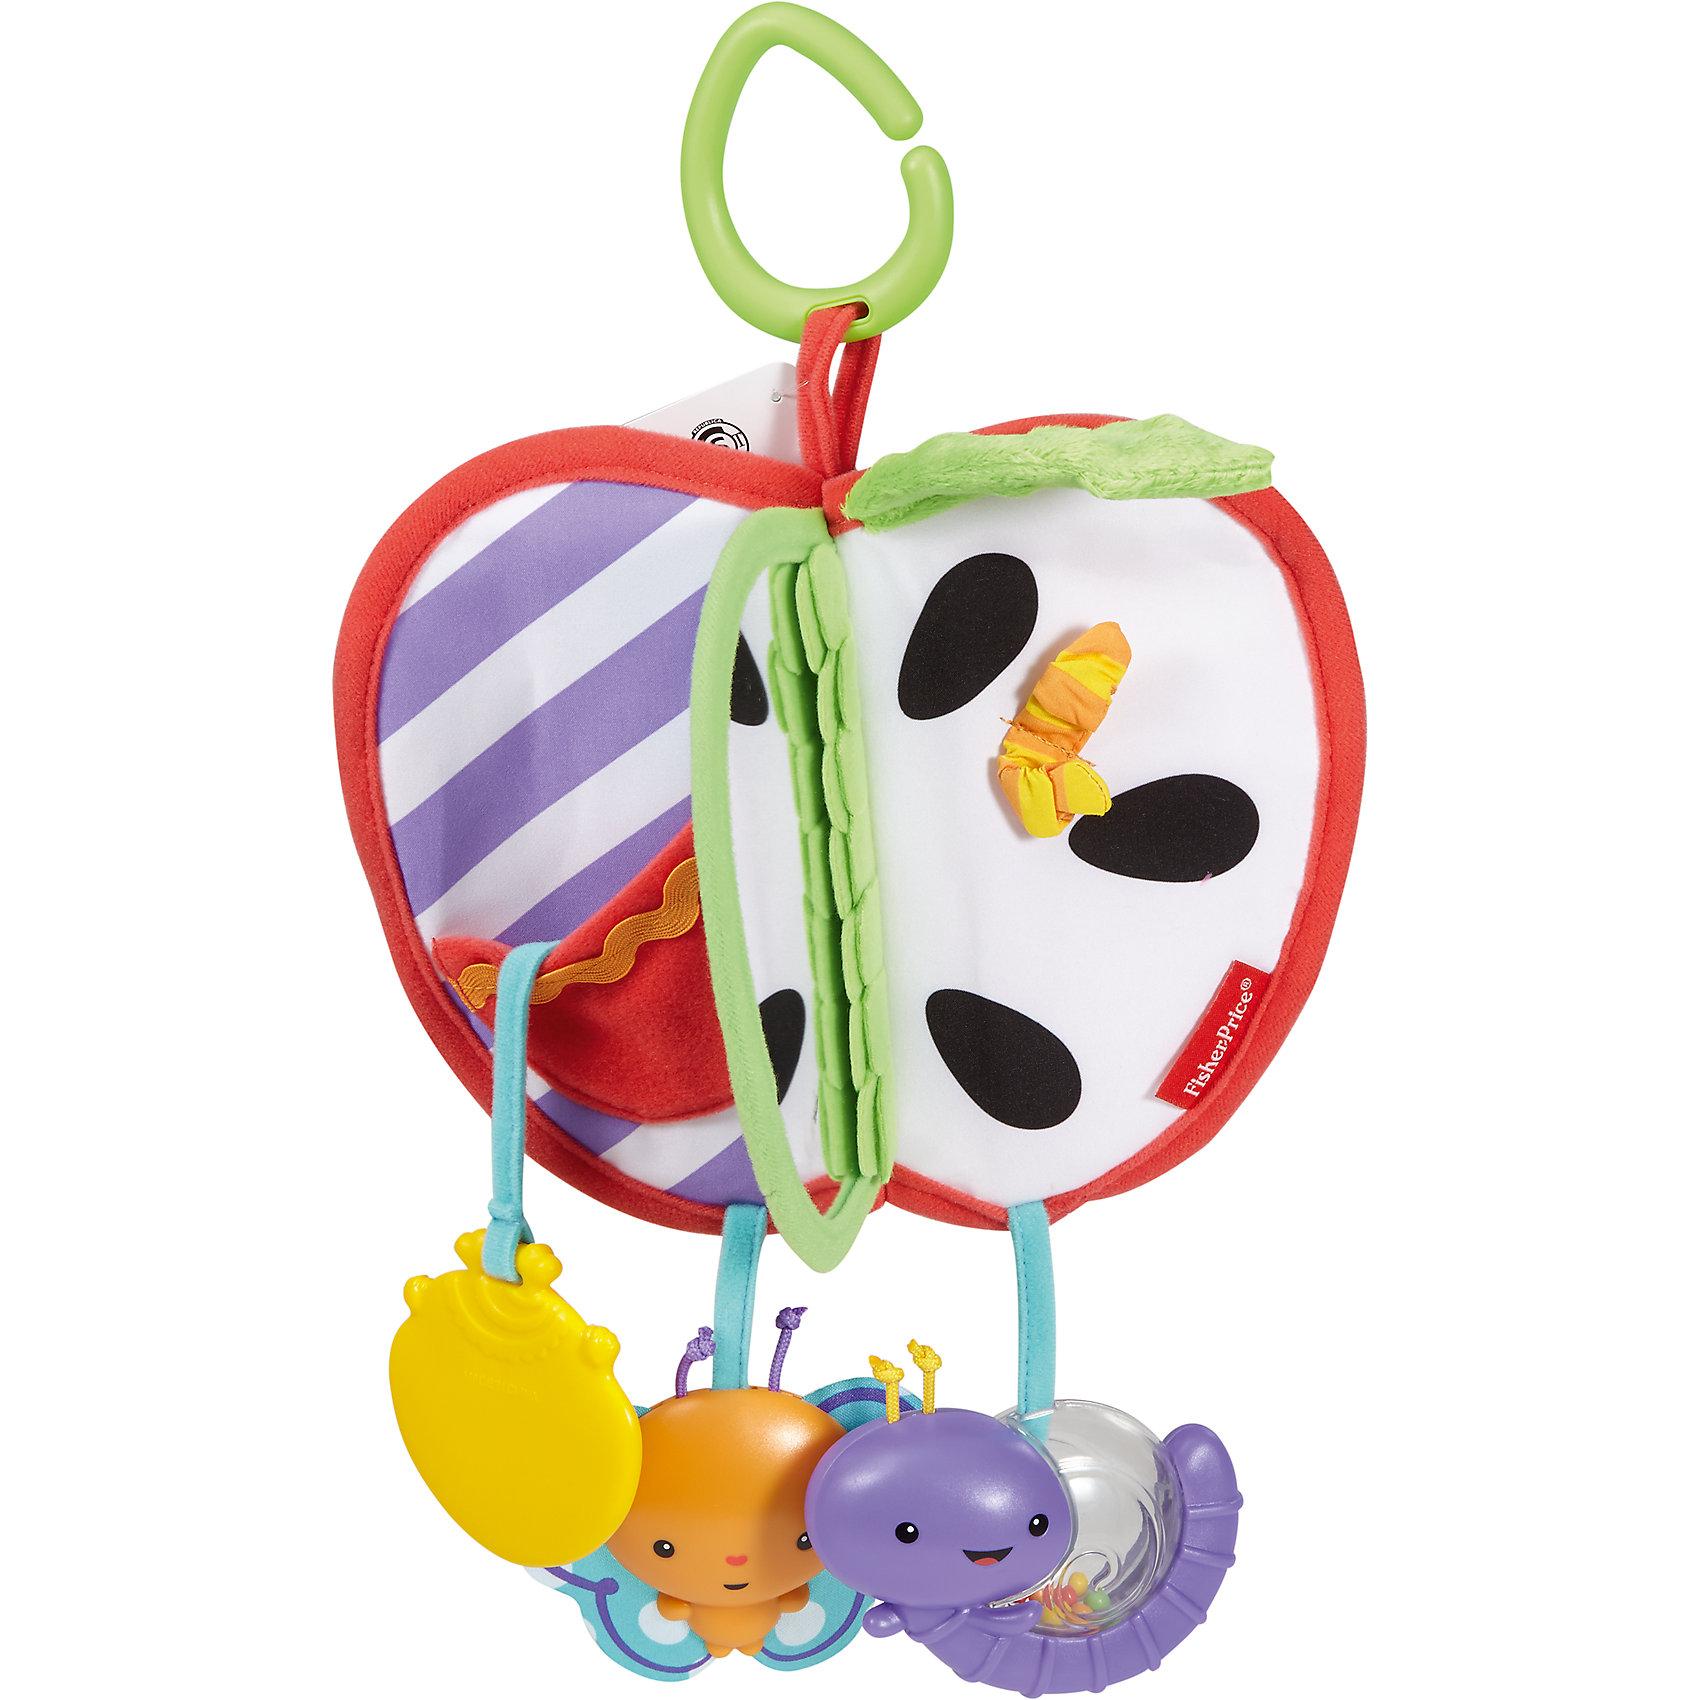 Развивающая игрушка-книжка Яблочко с прорезывателем (Mattel)